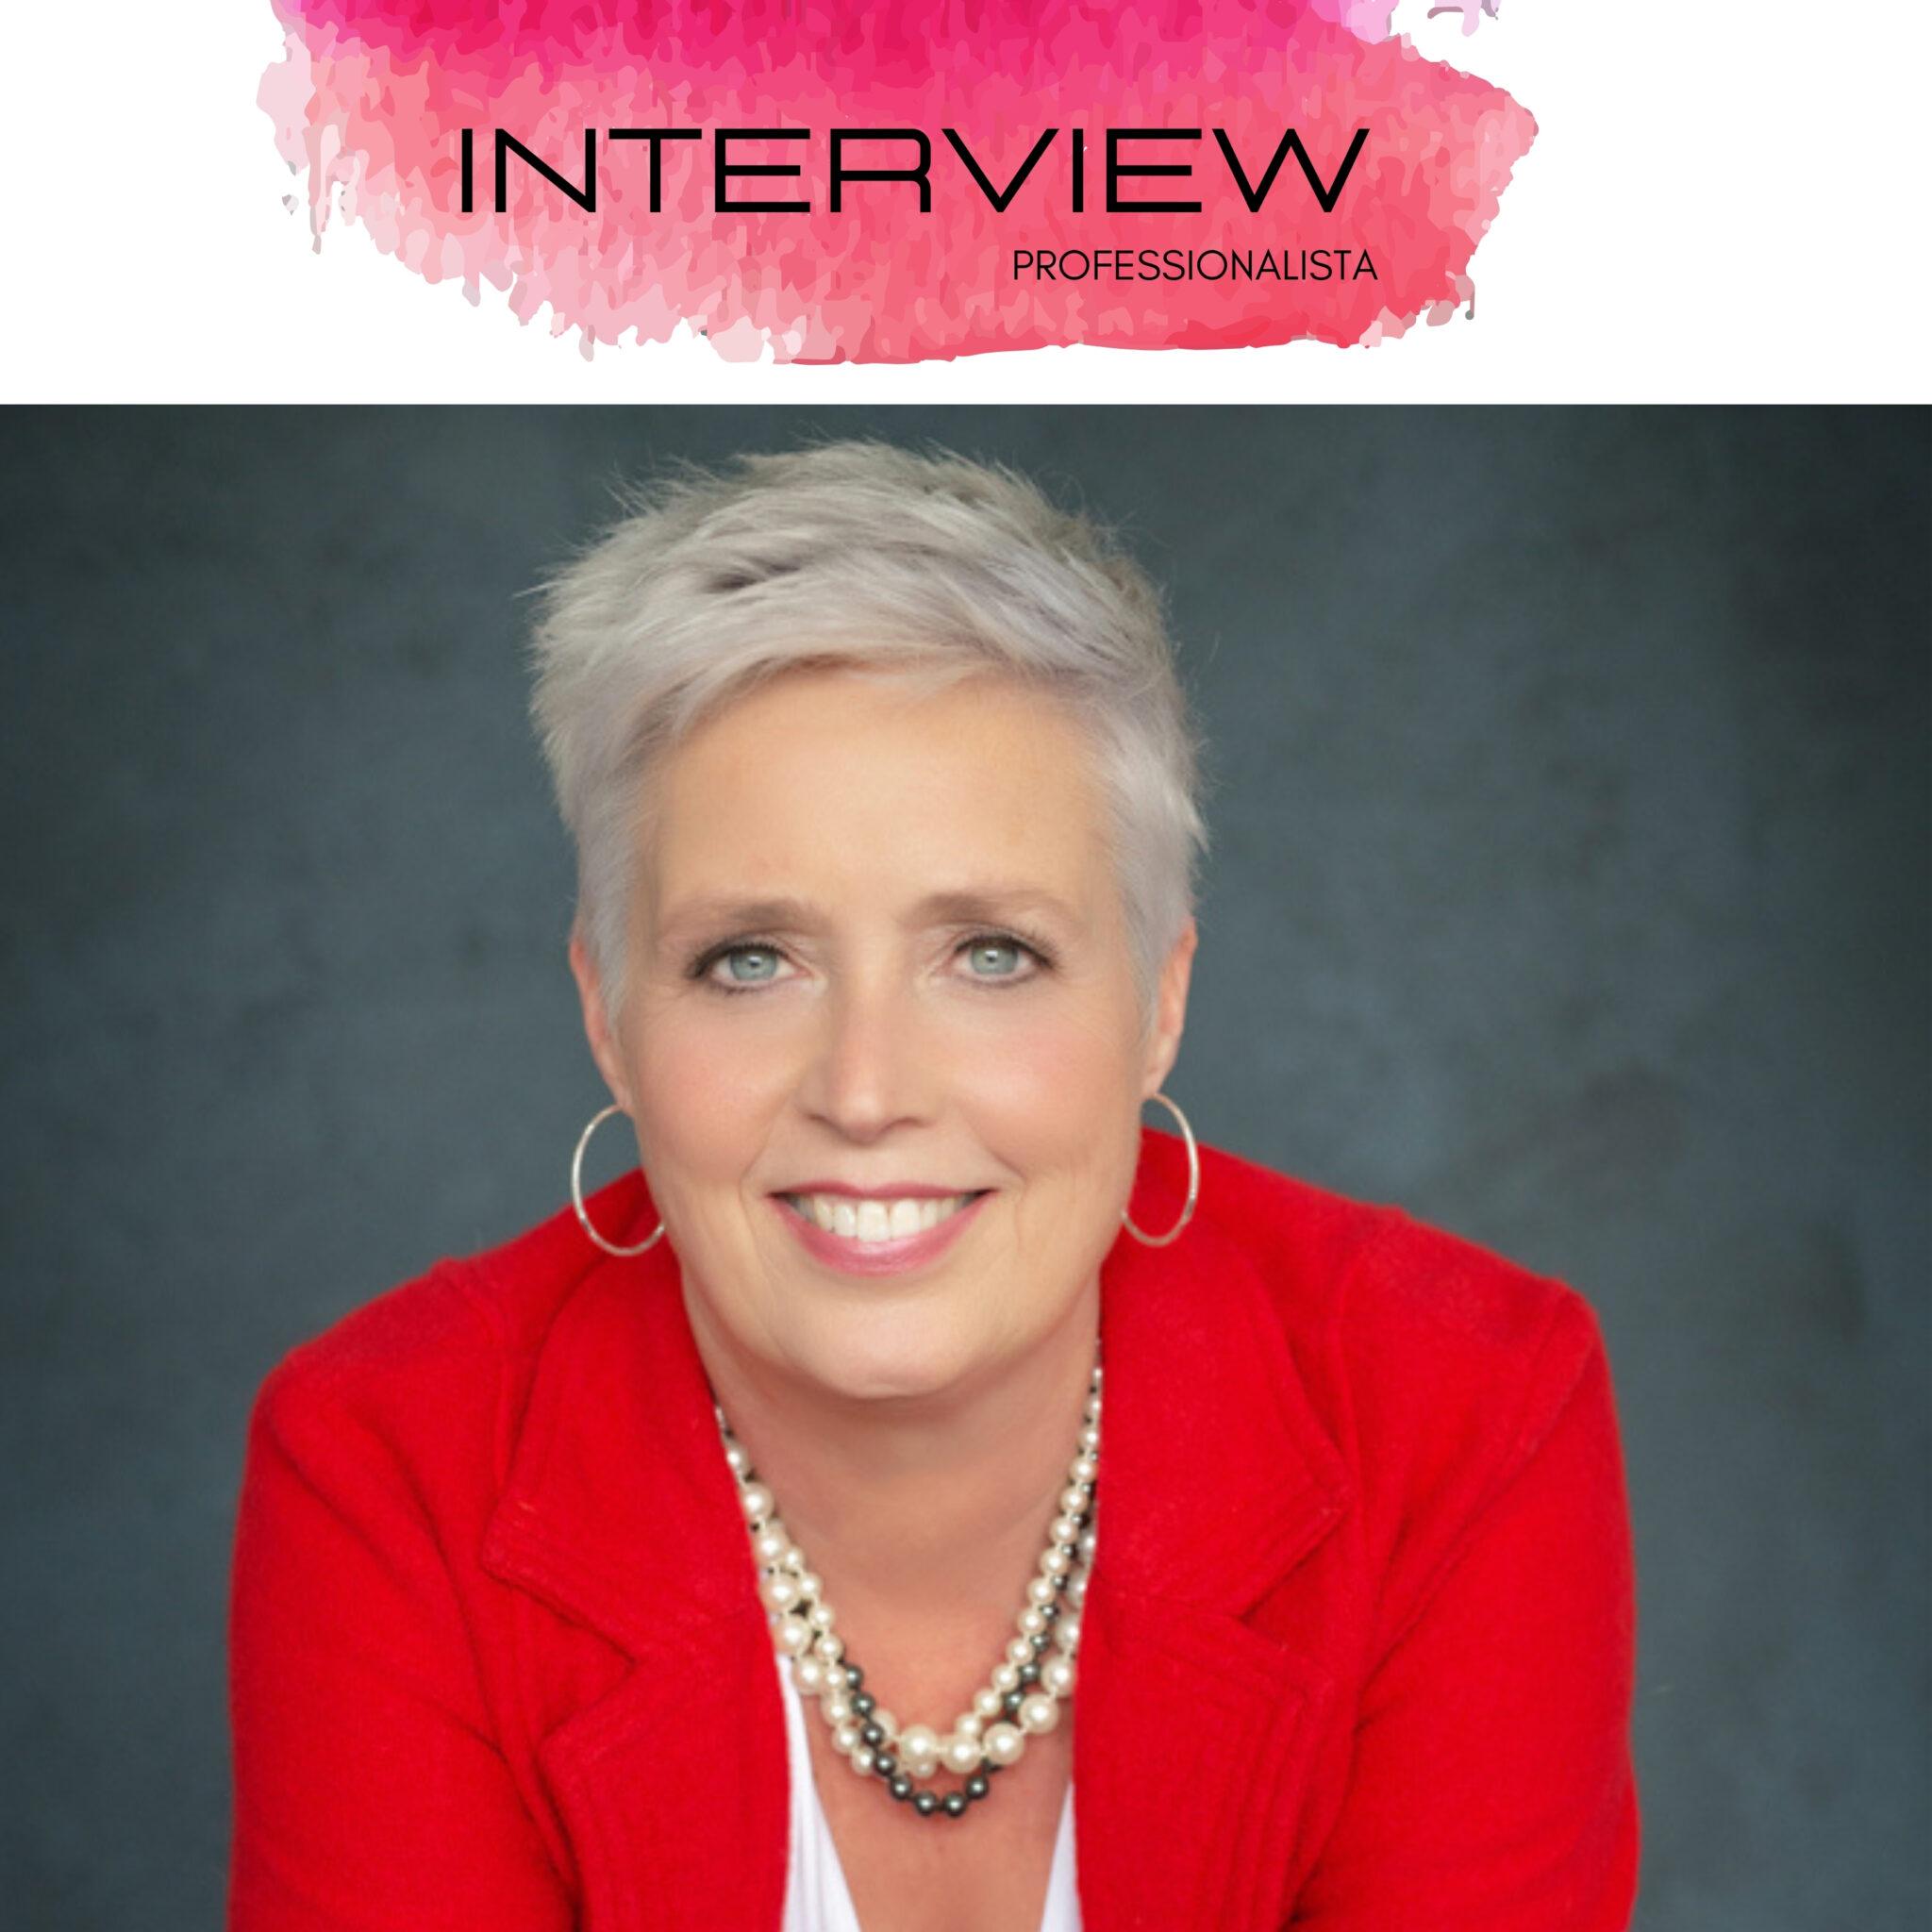 Interview Professionalista Sandra Westein